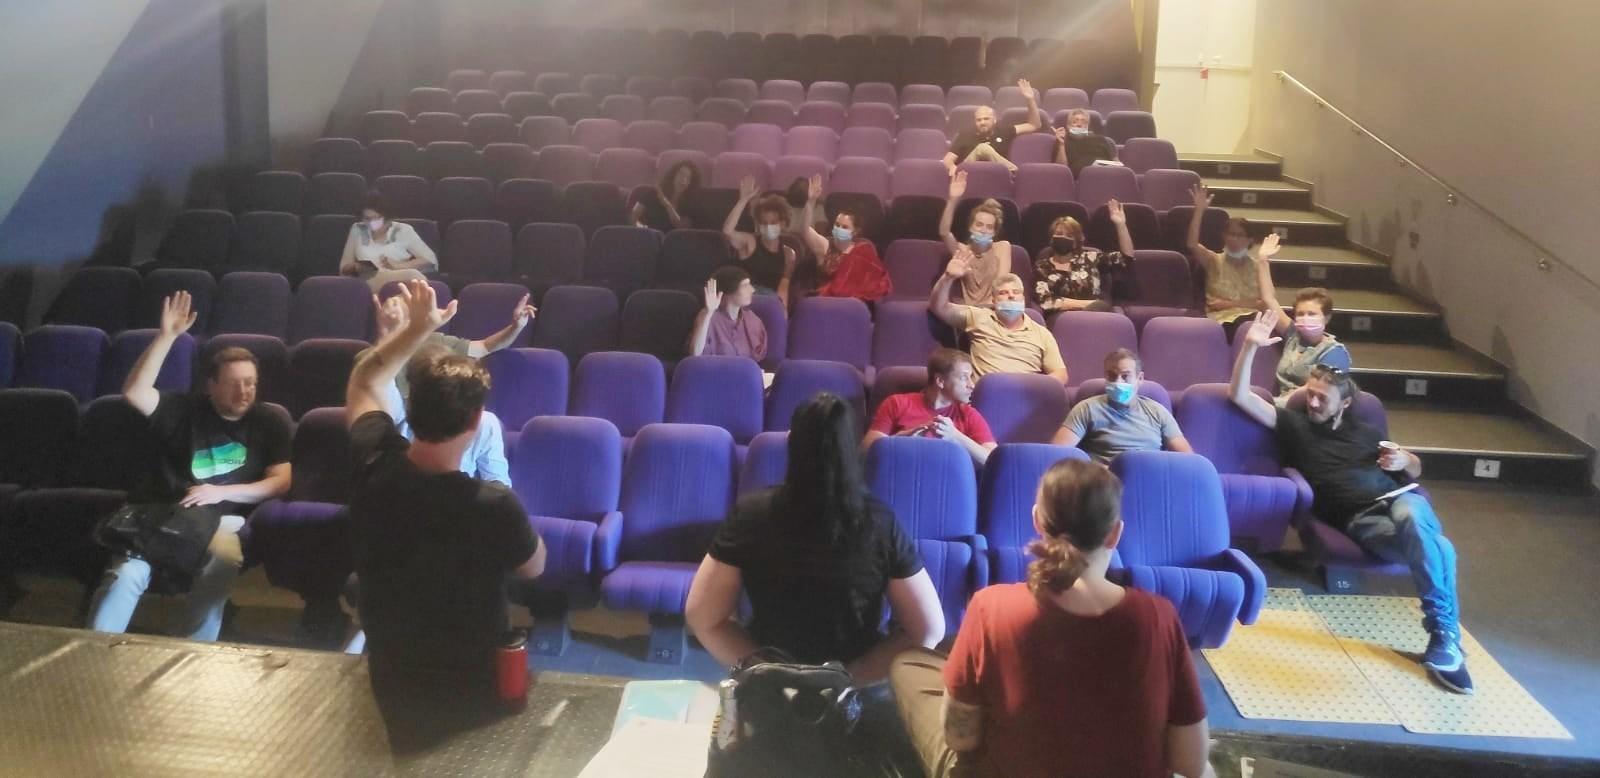 לאחר שנים של מאבק: נחתם ההסכם הקיבוצי הראשון במוזיאוני העיר חיפה